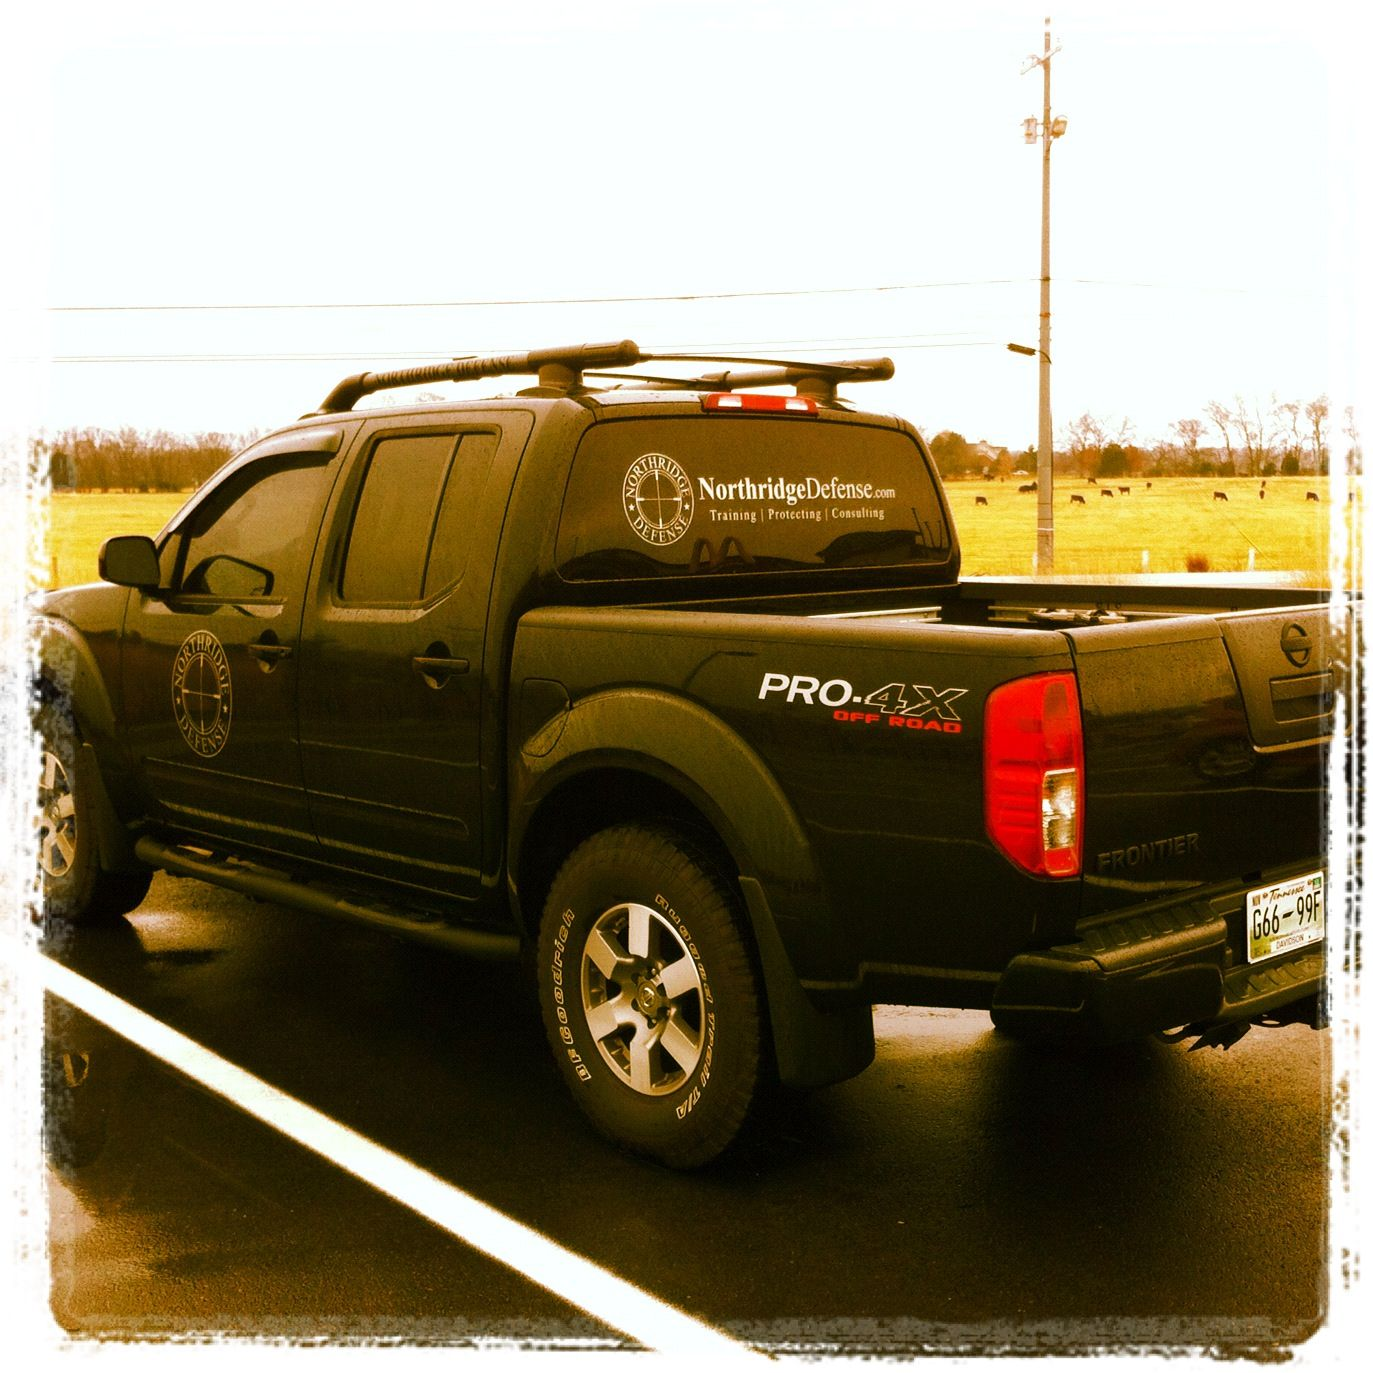 Northridge Defense Truck, Nissan Frontier PRO-4X Off Road, Vehicle ...